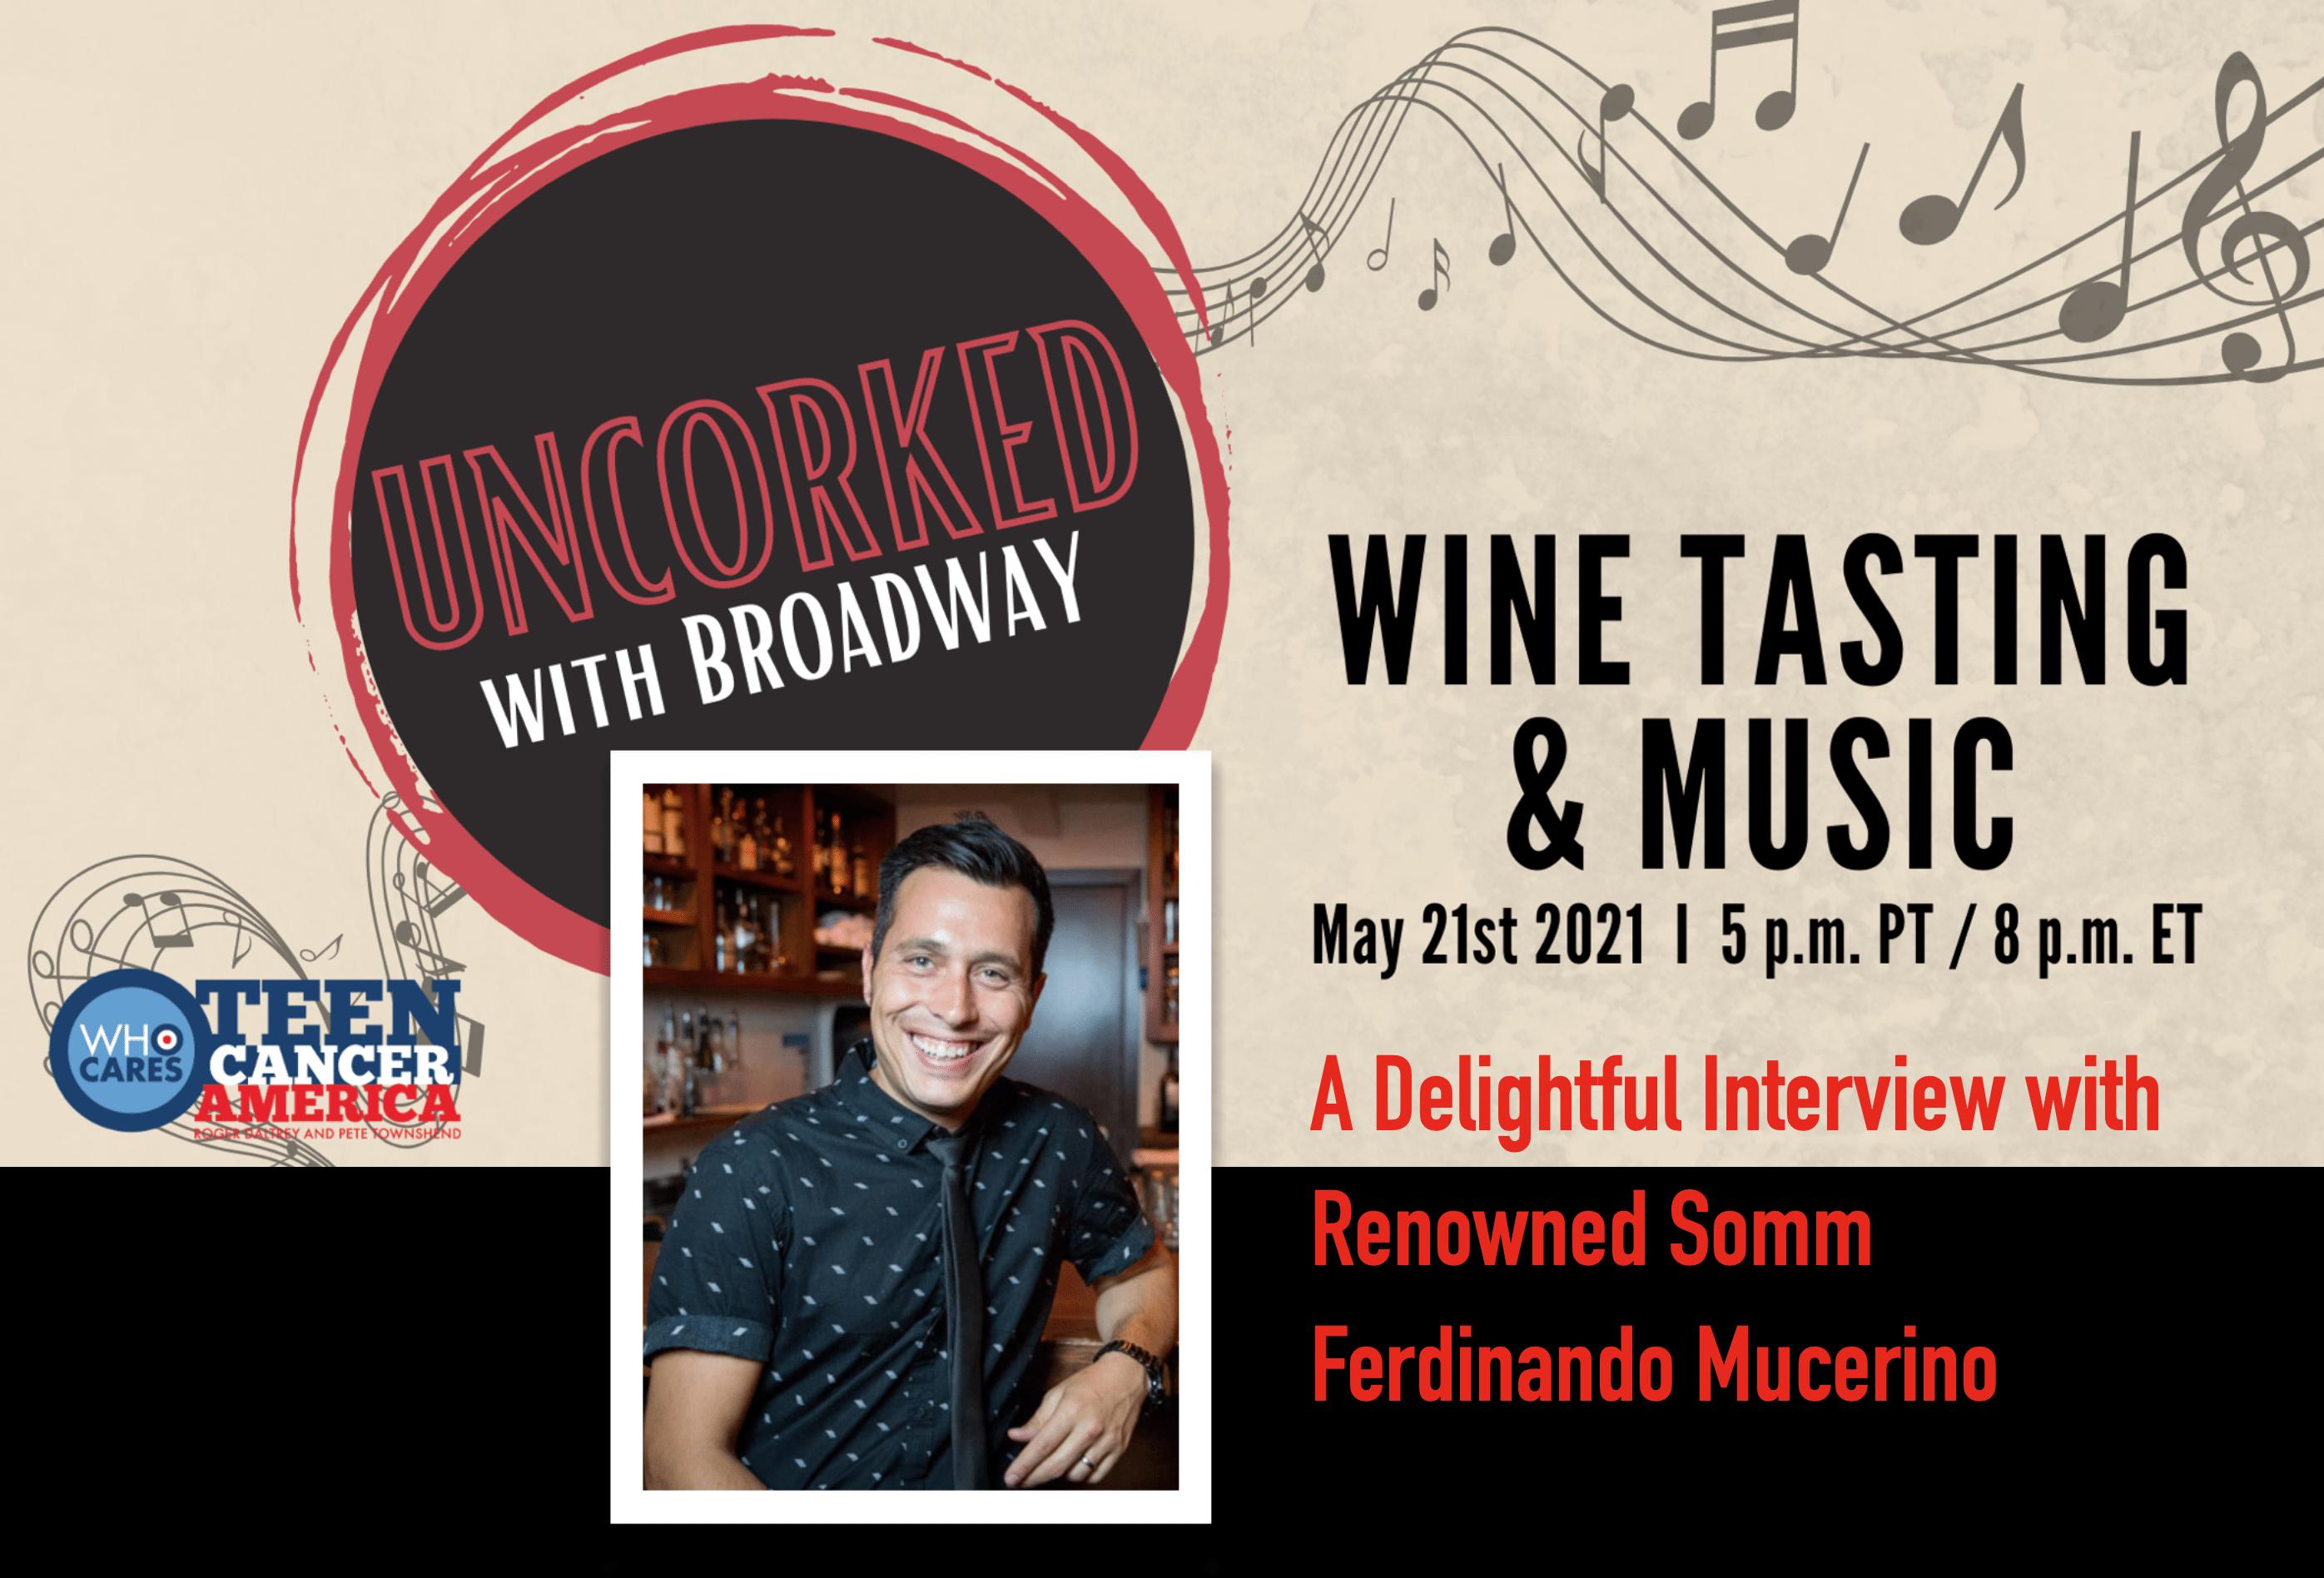 Episode #616 - Uncorked on Broadway With Ferdinando Mucerino